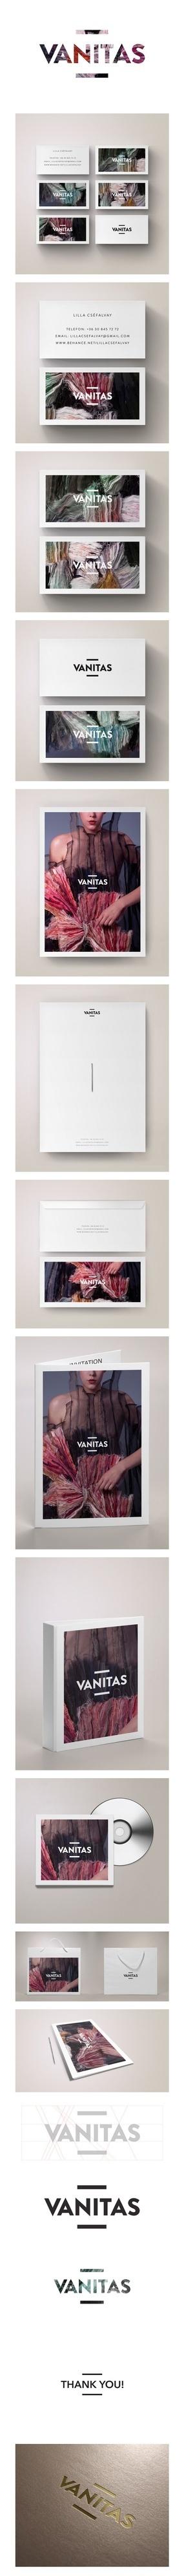 Vanitas #branding